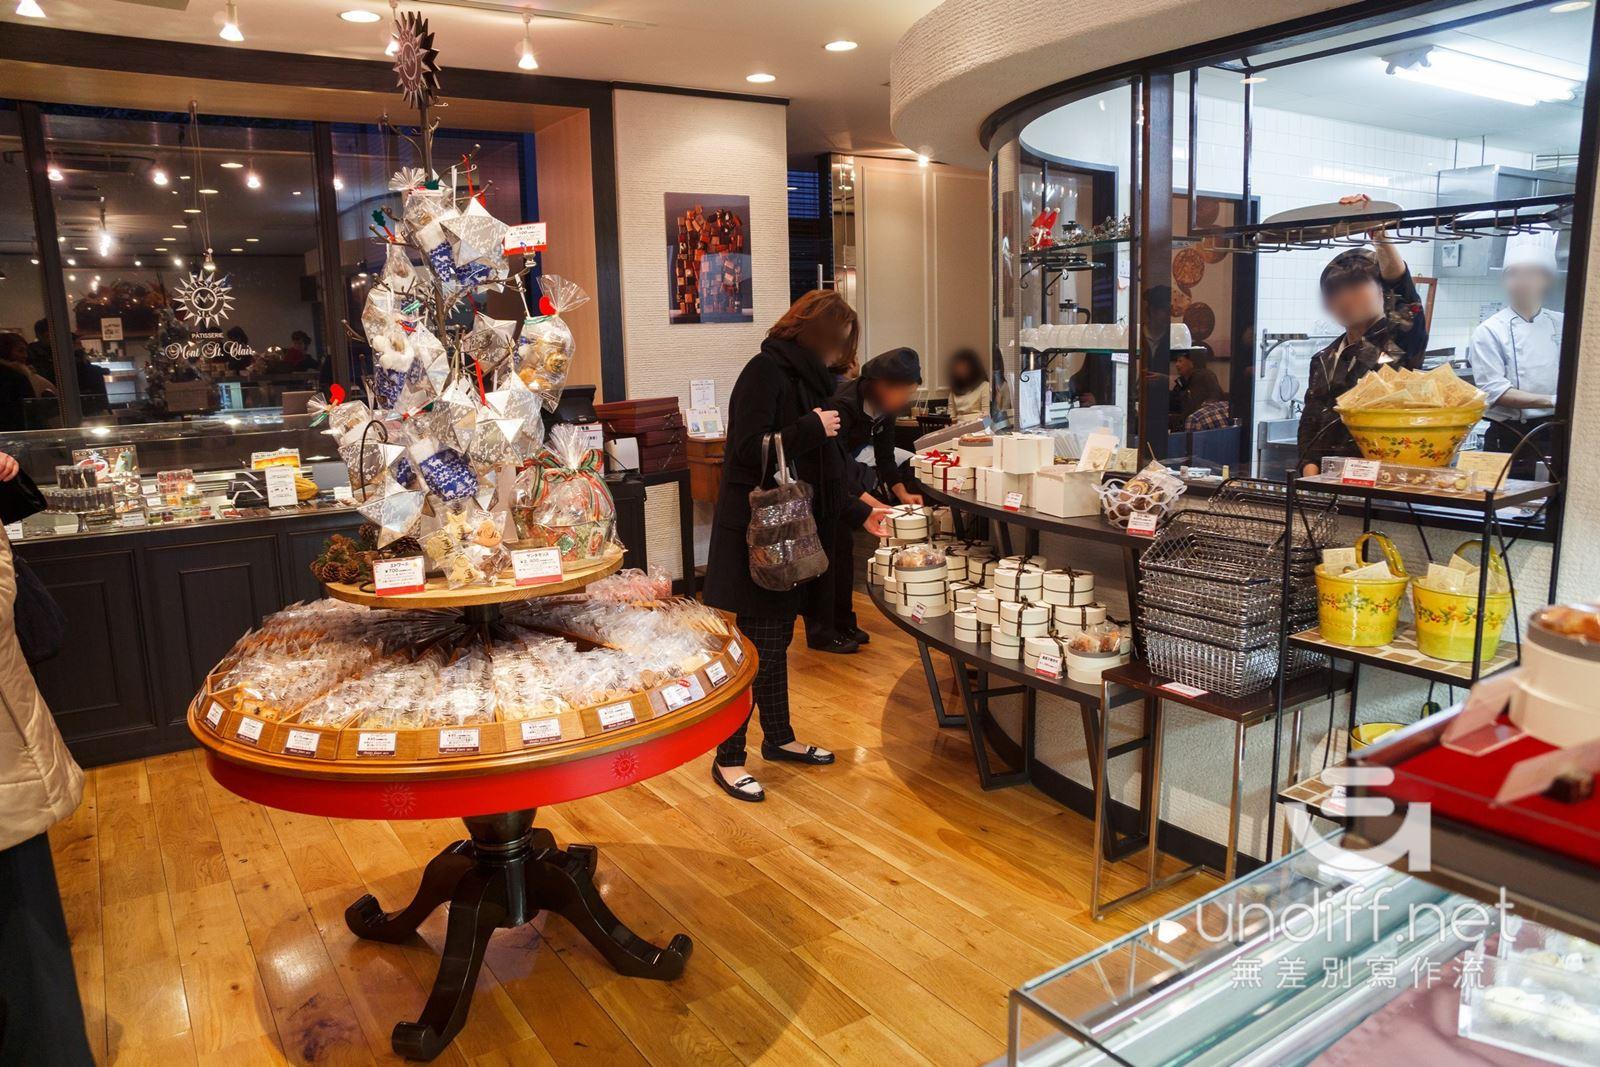 【東京美食】自由之丘 Mont St. Clair 》名不虛傳的人氣甜點名店 14